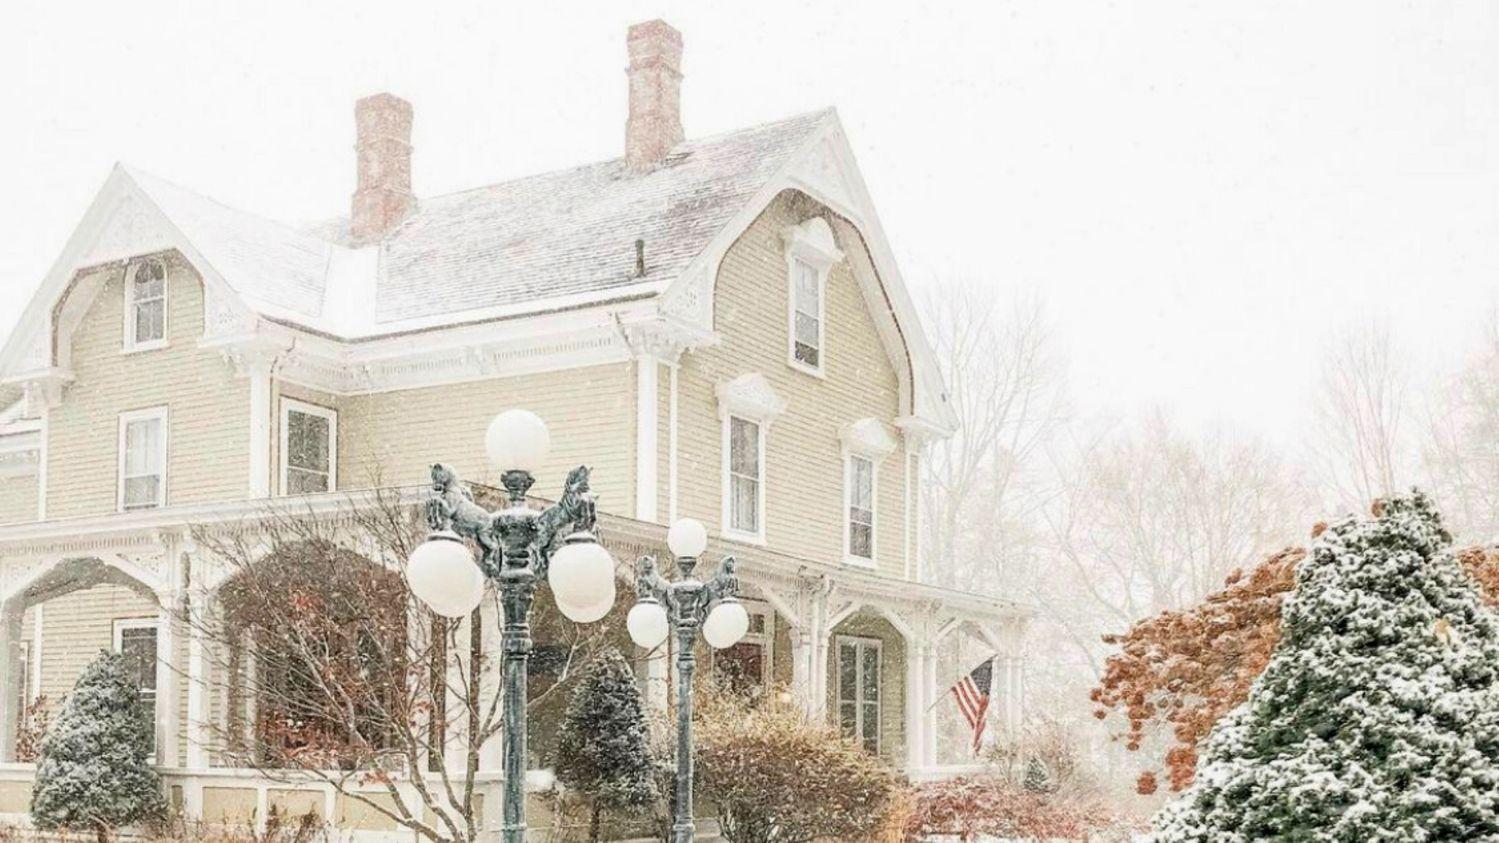 Winter Snow Fall at Captain Nickels Inn